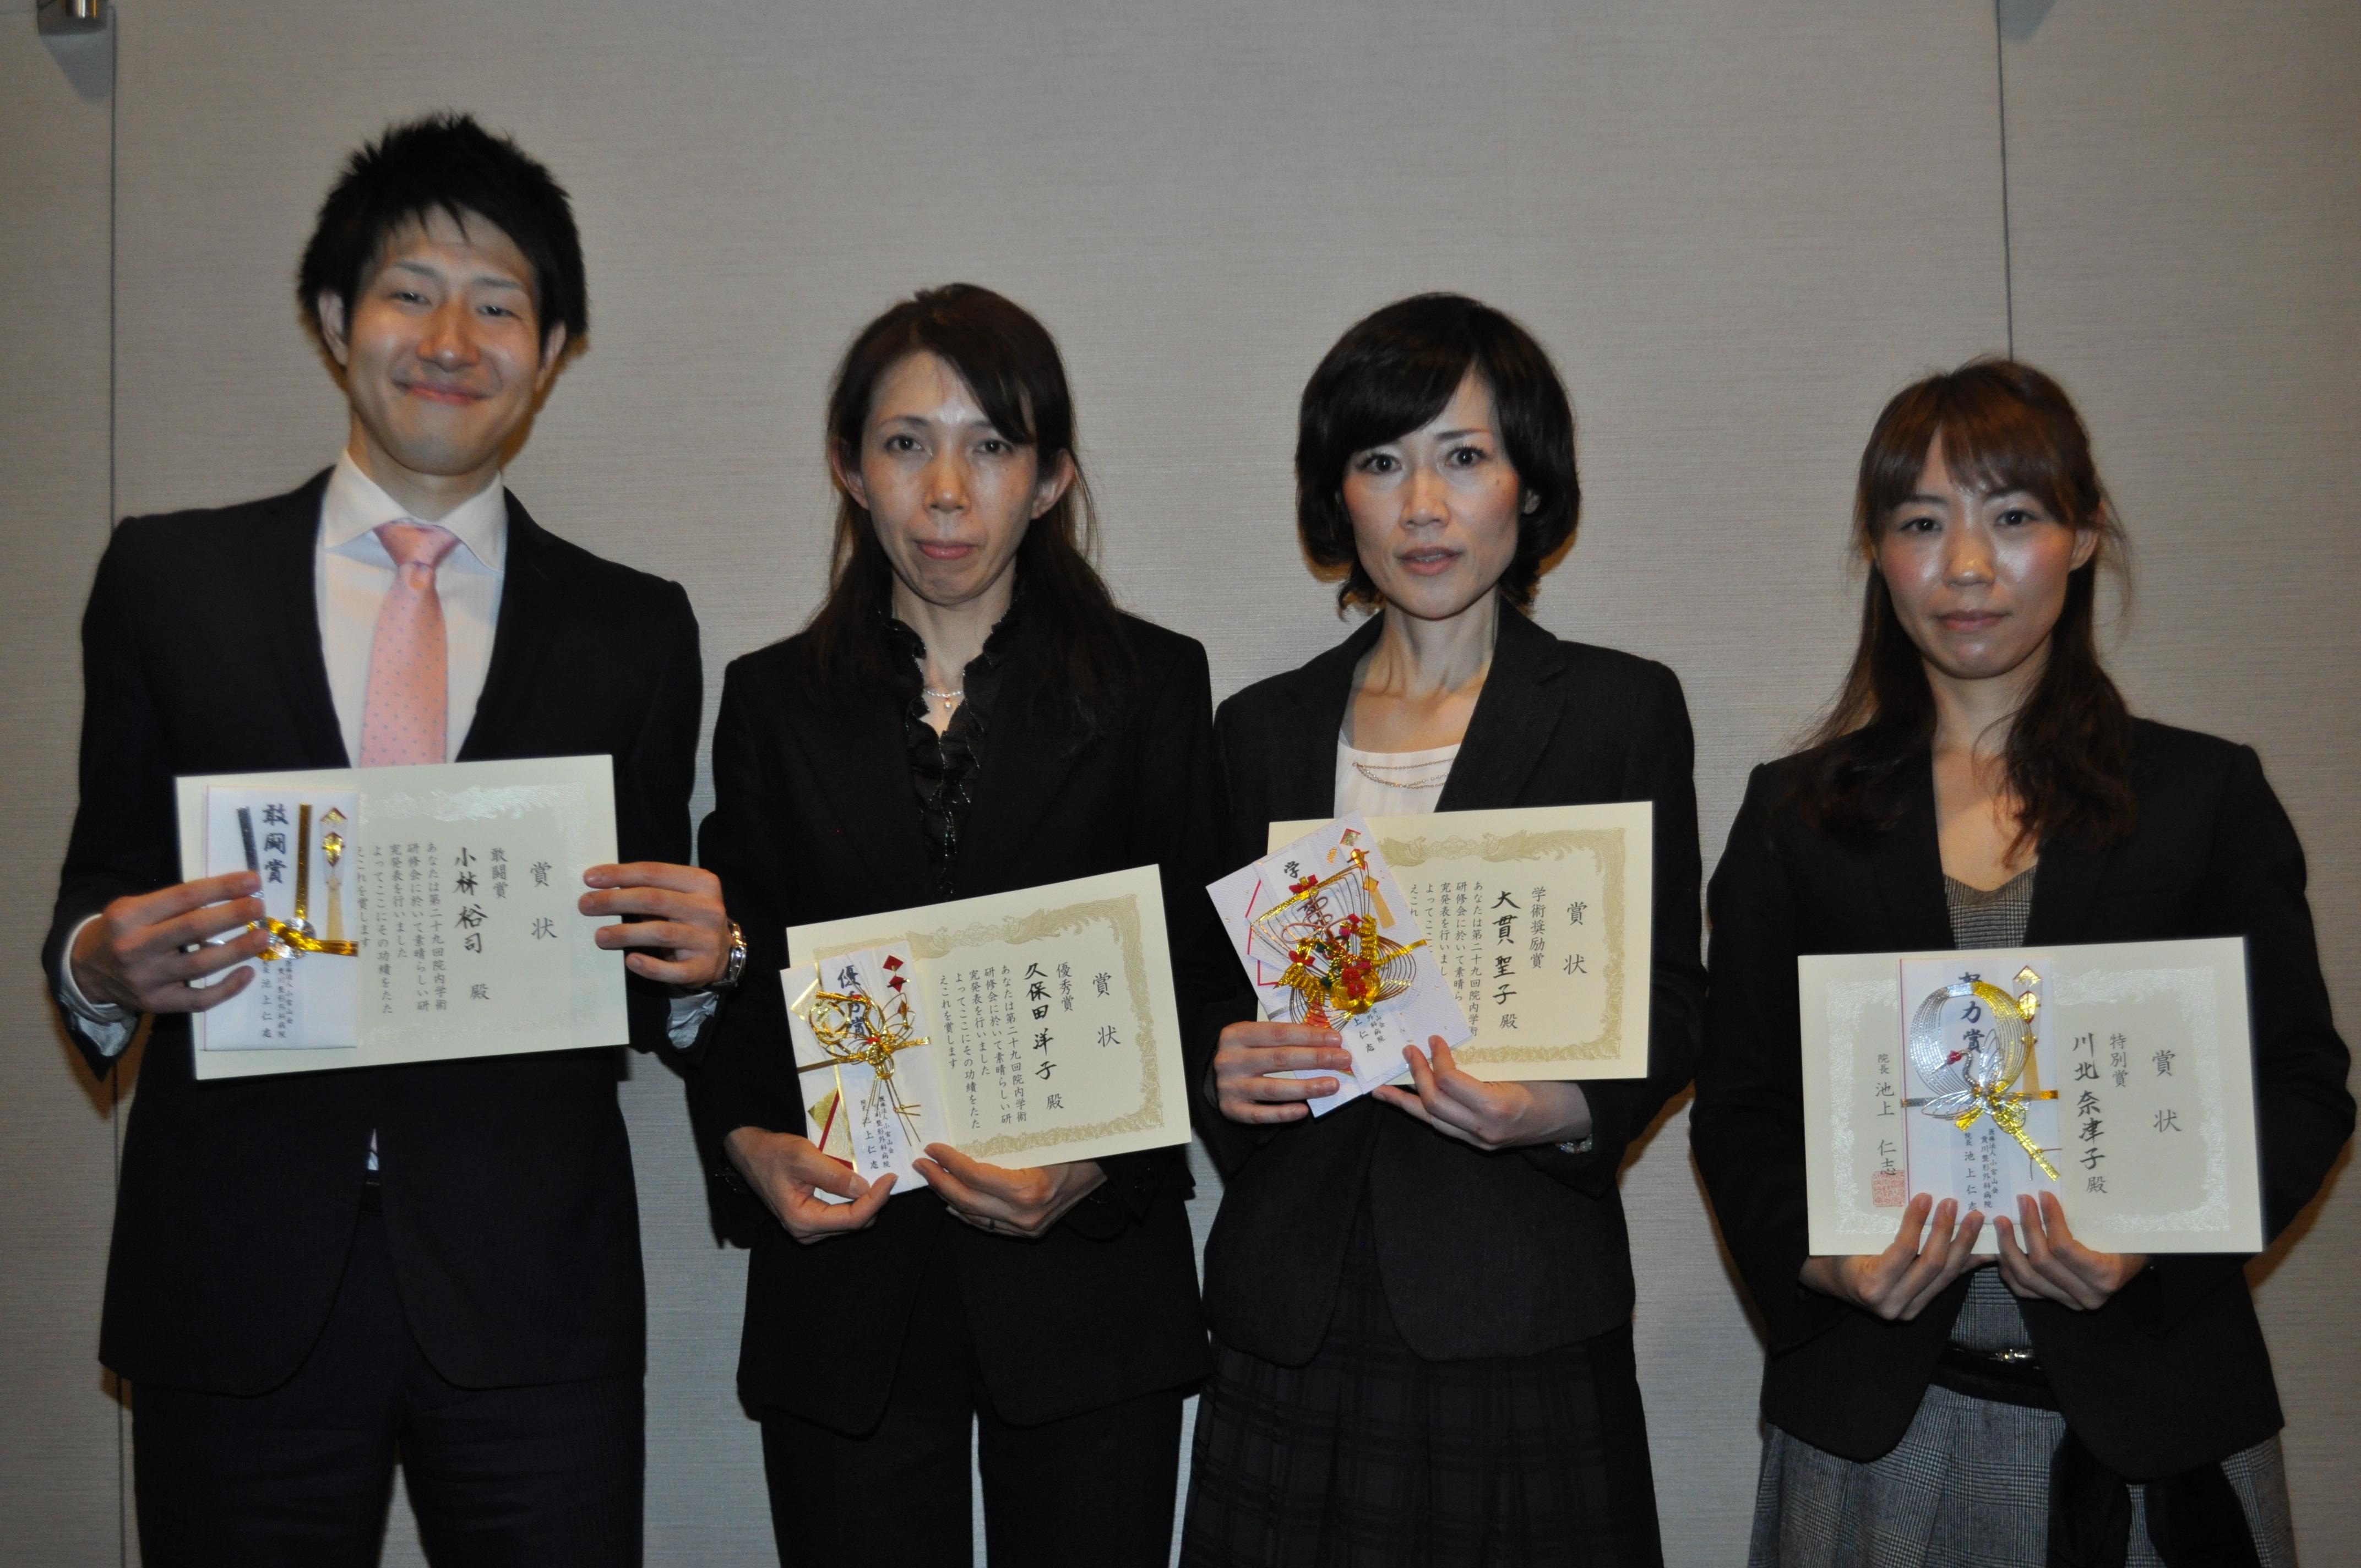 左より小林裕司理学療法士、久保田洋子主任臨床検査技師、大貫聖子看護師、川北奈津子手術室主任看護師